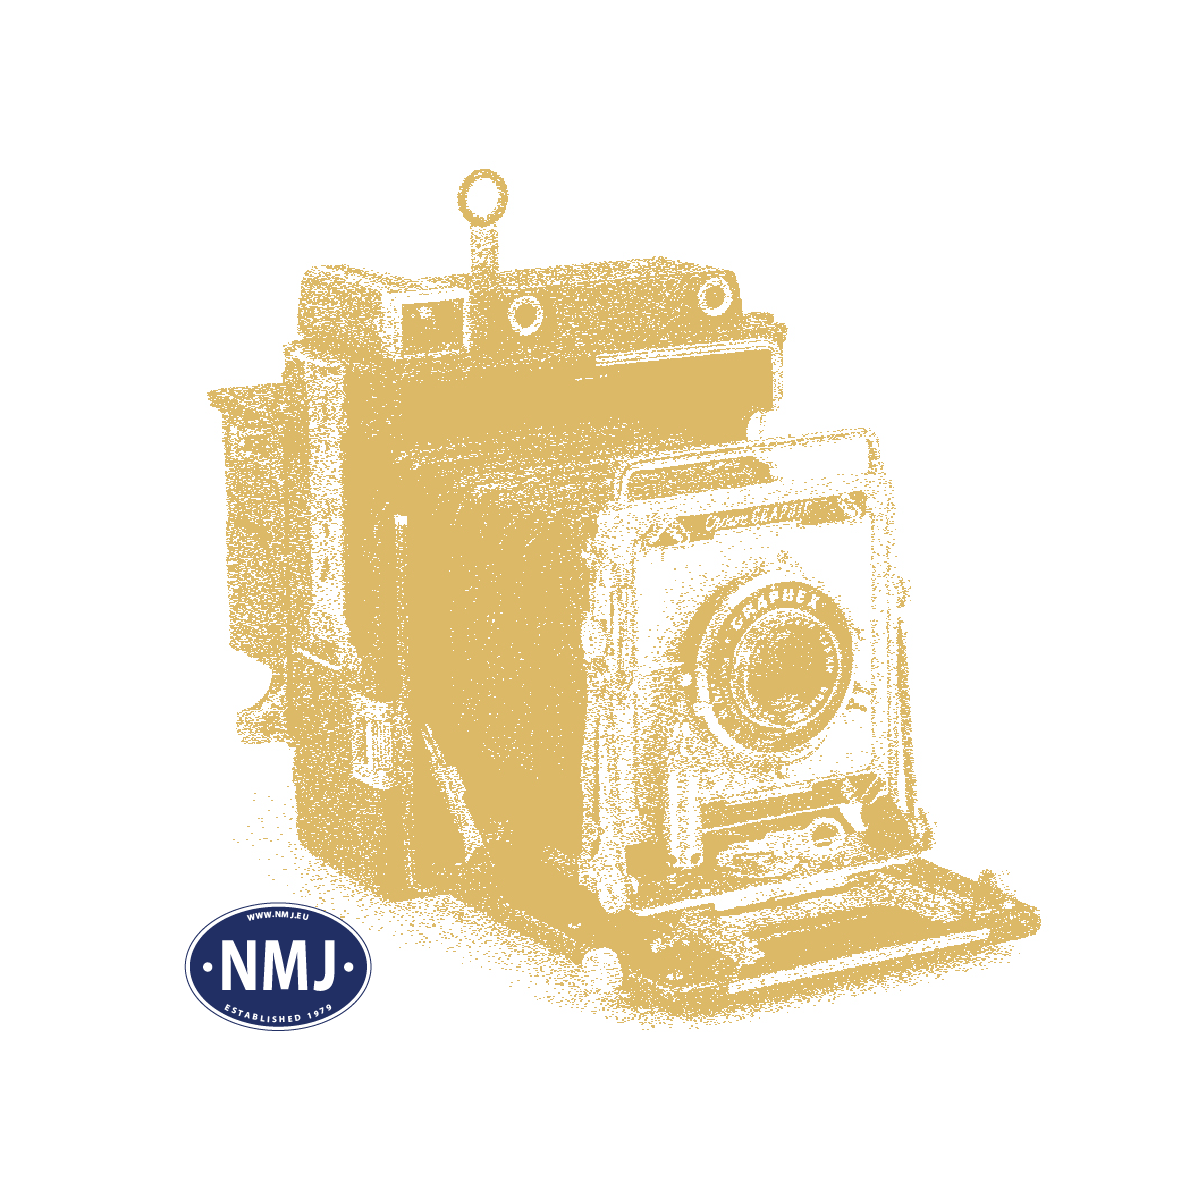 NMJT9913 - Speil for Nydesign El13